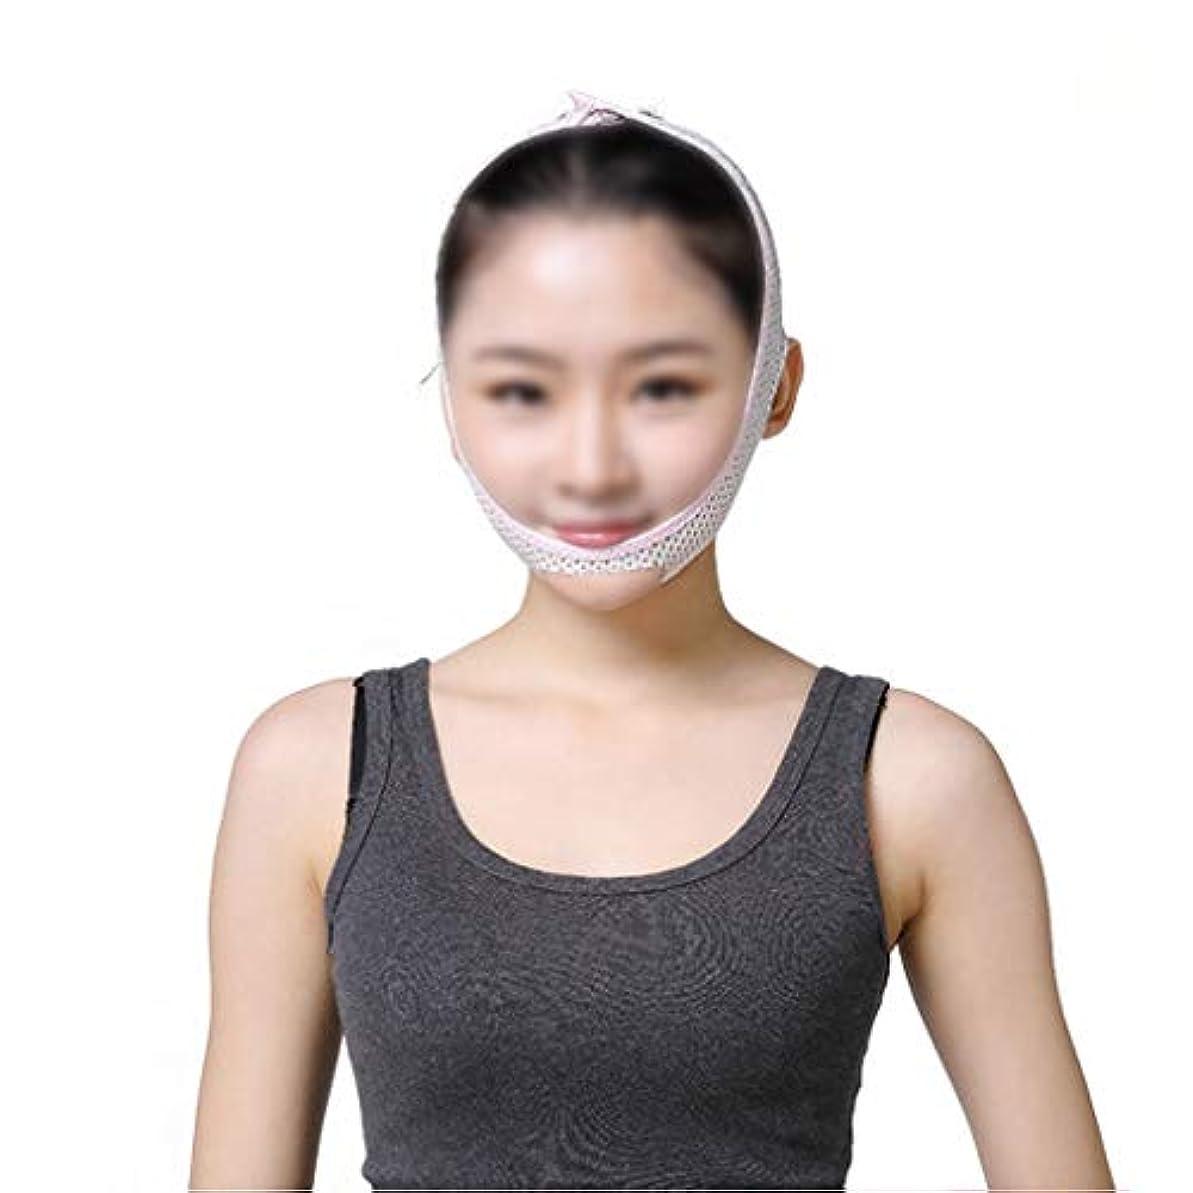 スパーク広範囲に北GLJJQMY 薄い顔のマスク快適な 引き締め肌の引き締め睡眠薄い顔のアーティファクト抗しわ除去二重あご術後回復マスク 顔用整形マスク